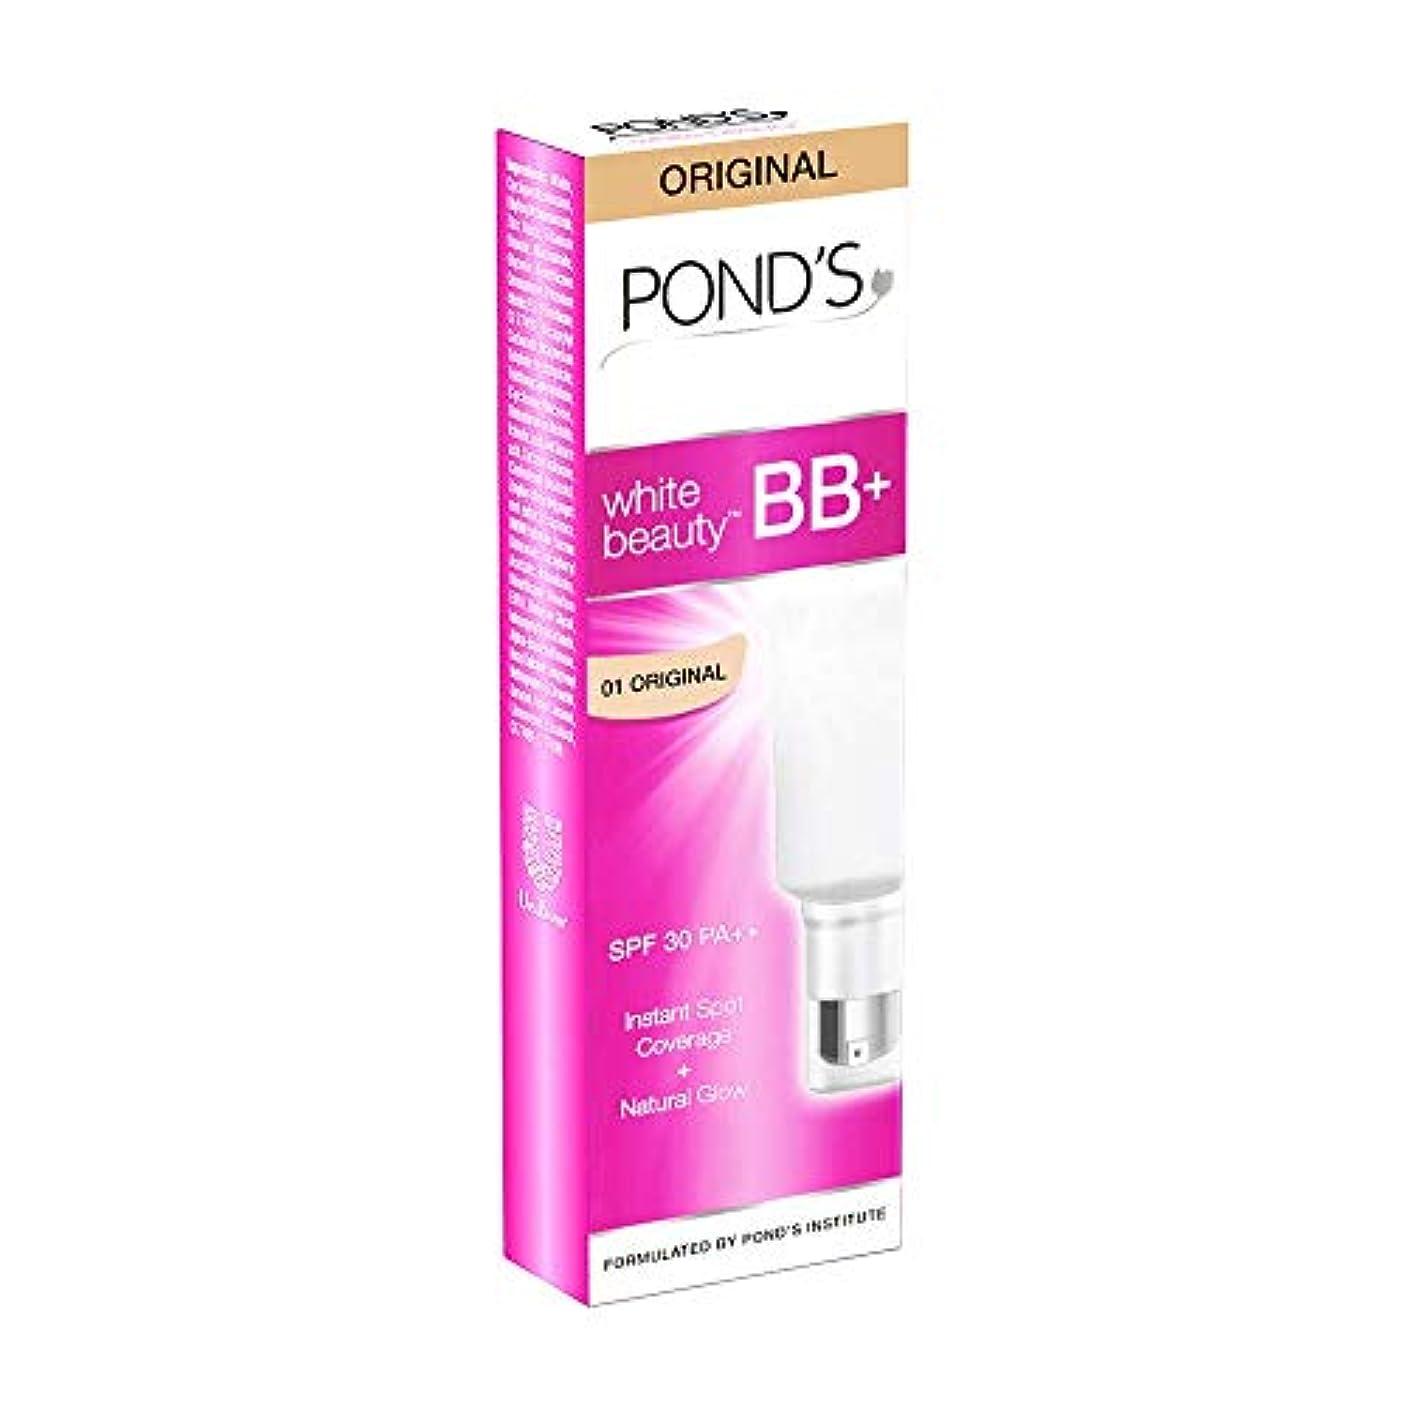 愛撫洞窟ポールPOND'S White Beauty All-in-One BB+ Fairness Cream SPF 30 PA++, 18g (Pack of 3)